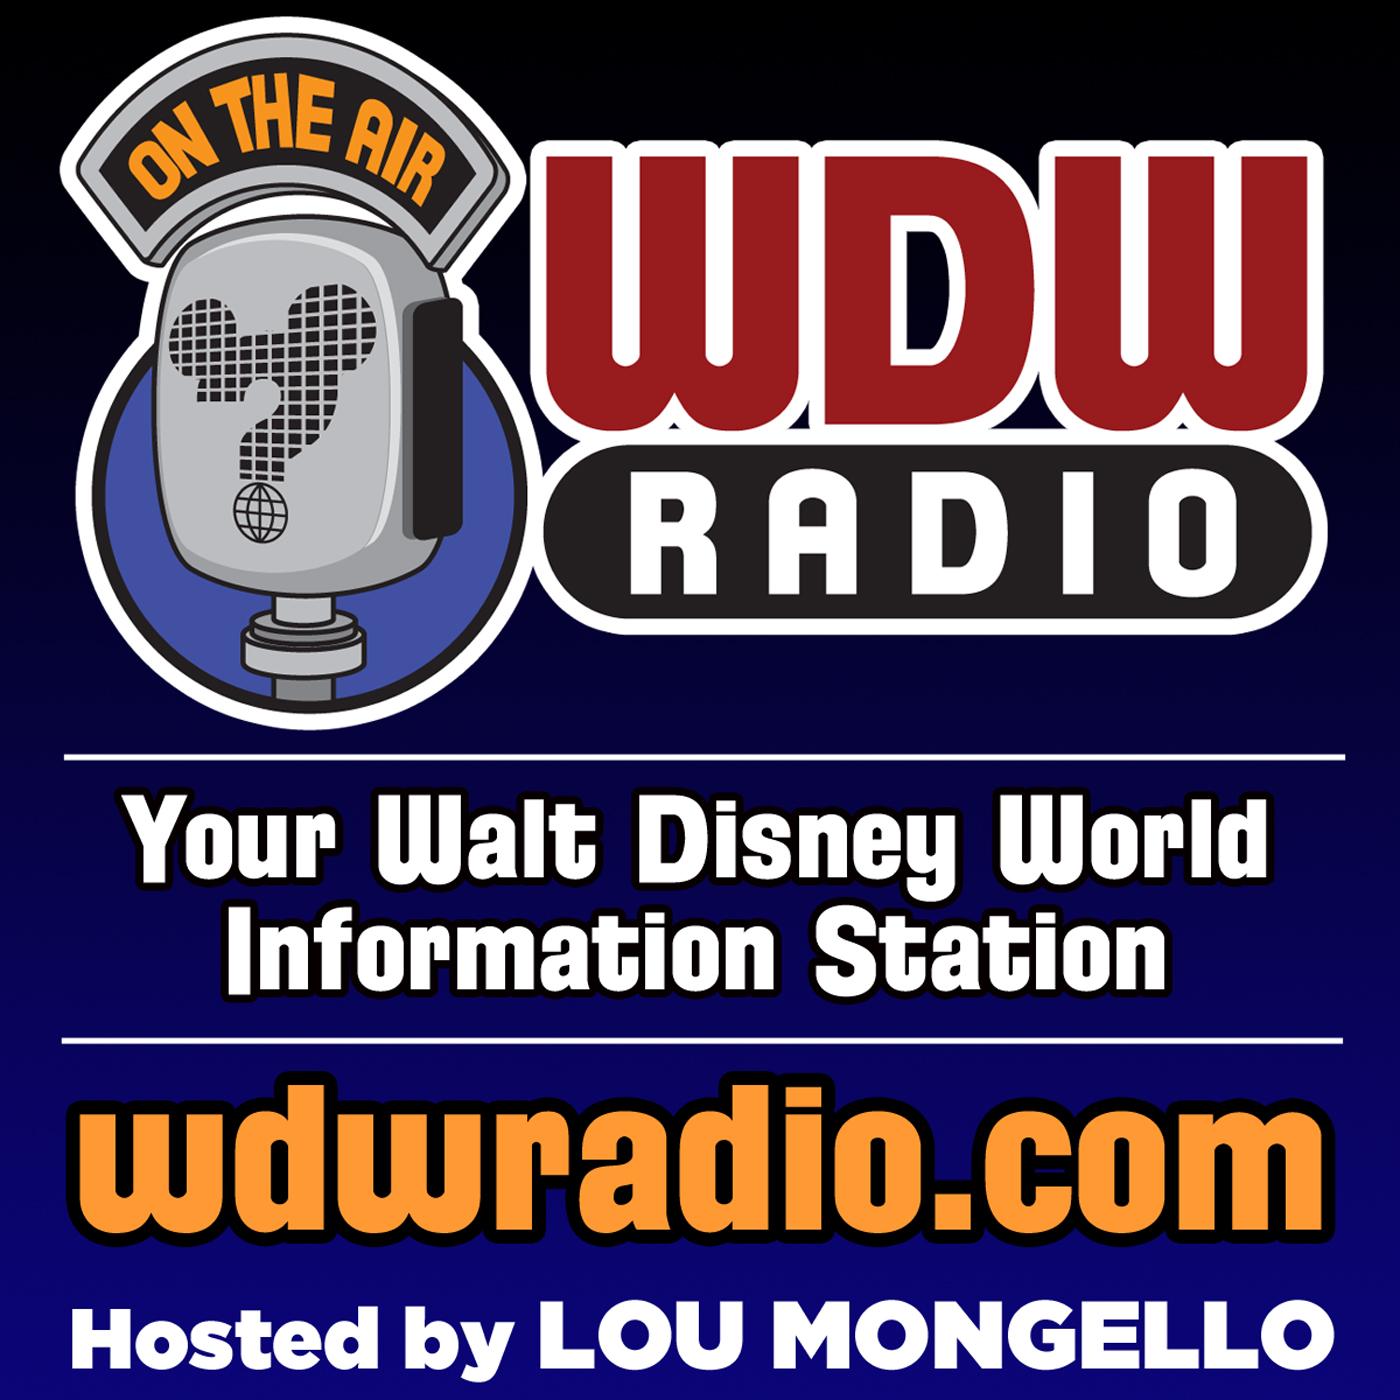 The WDW Radio Show - Your Walt Disney World Information Station